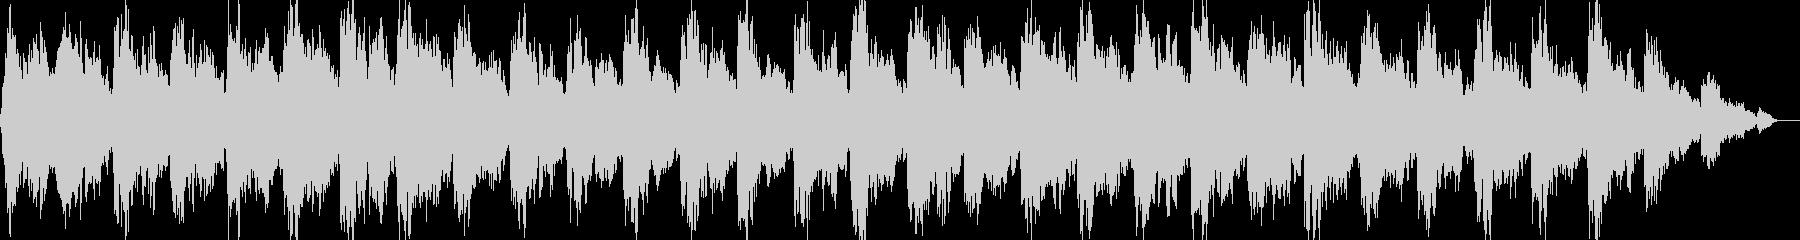 オカルト/ミステリー/ホラーサスペンスの未再生の波形